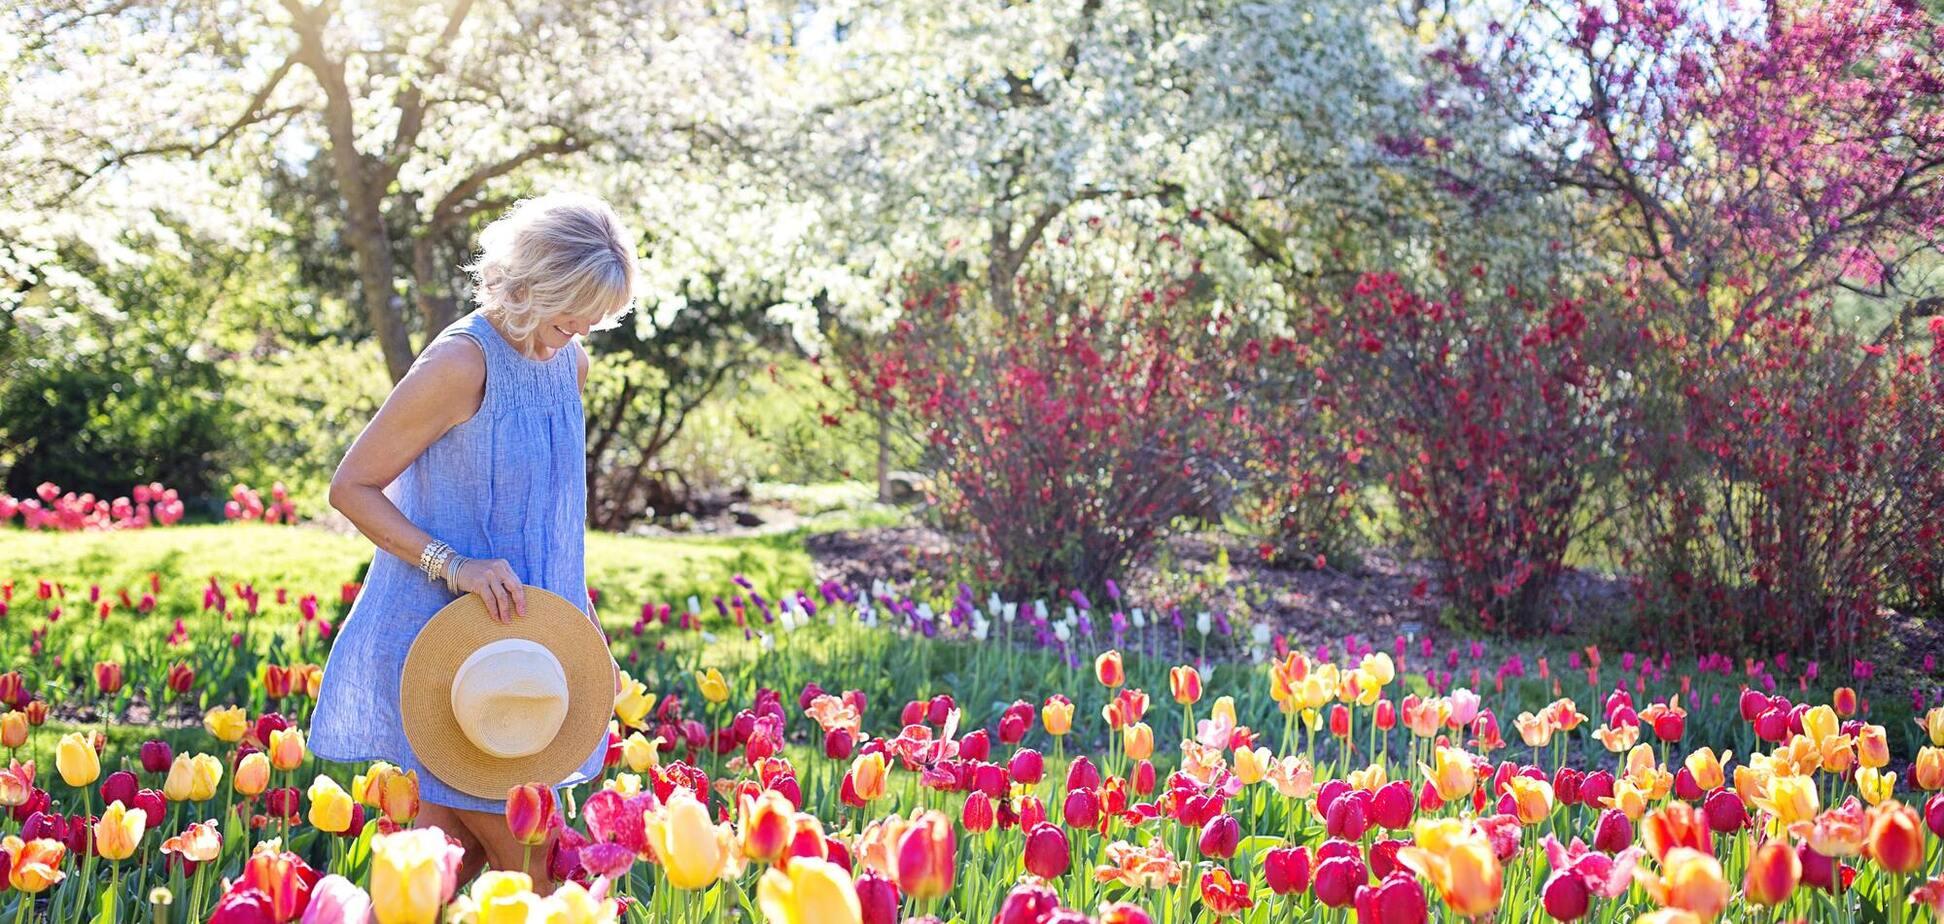 14 травня: свято, прикмети на Веремія Запашника й іменинники